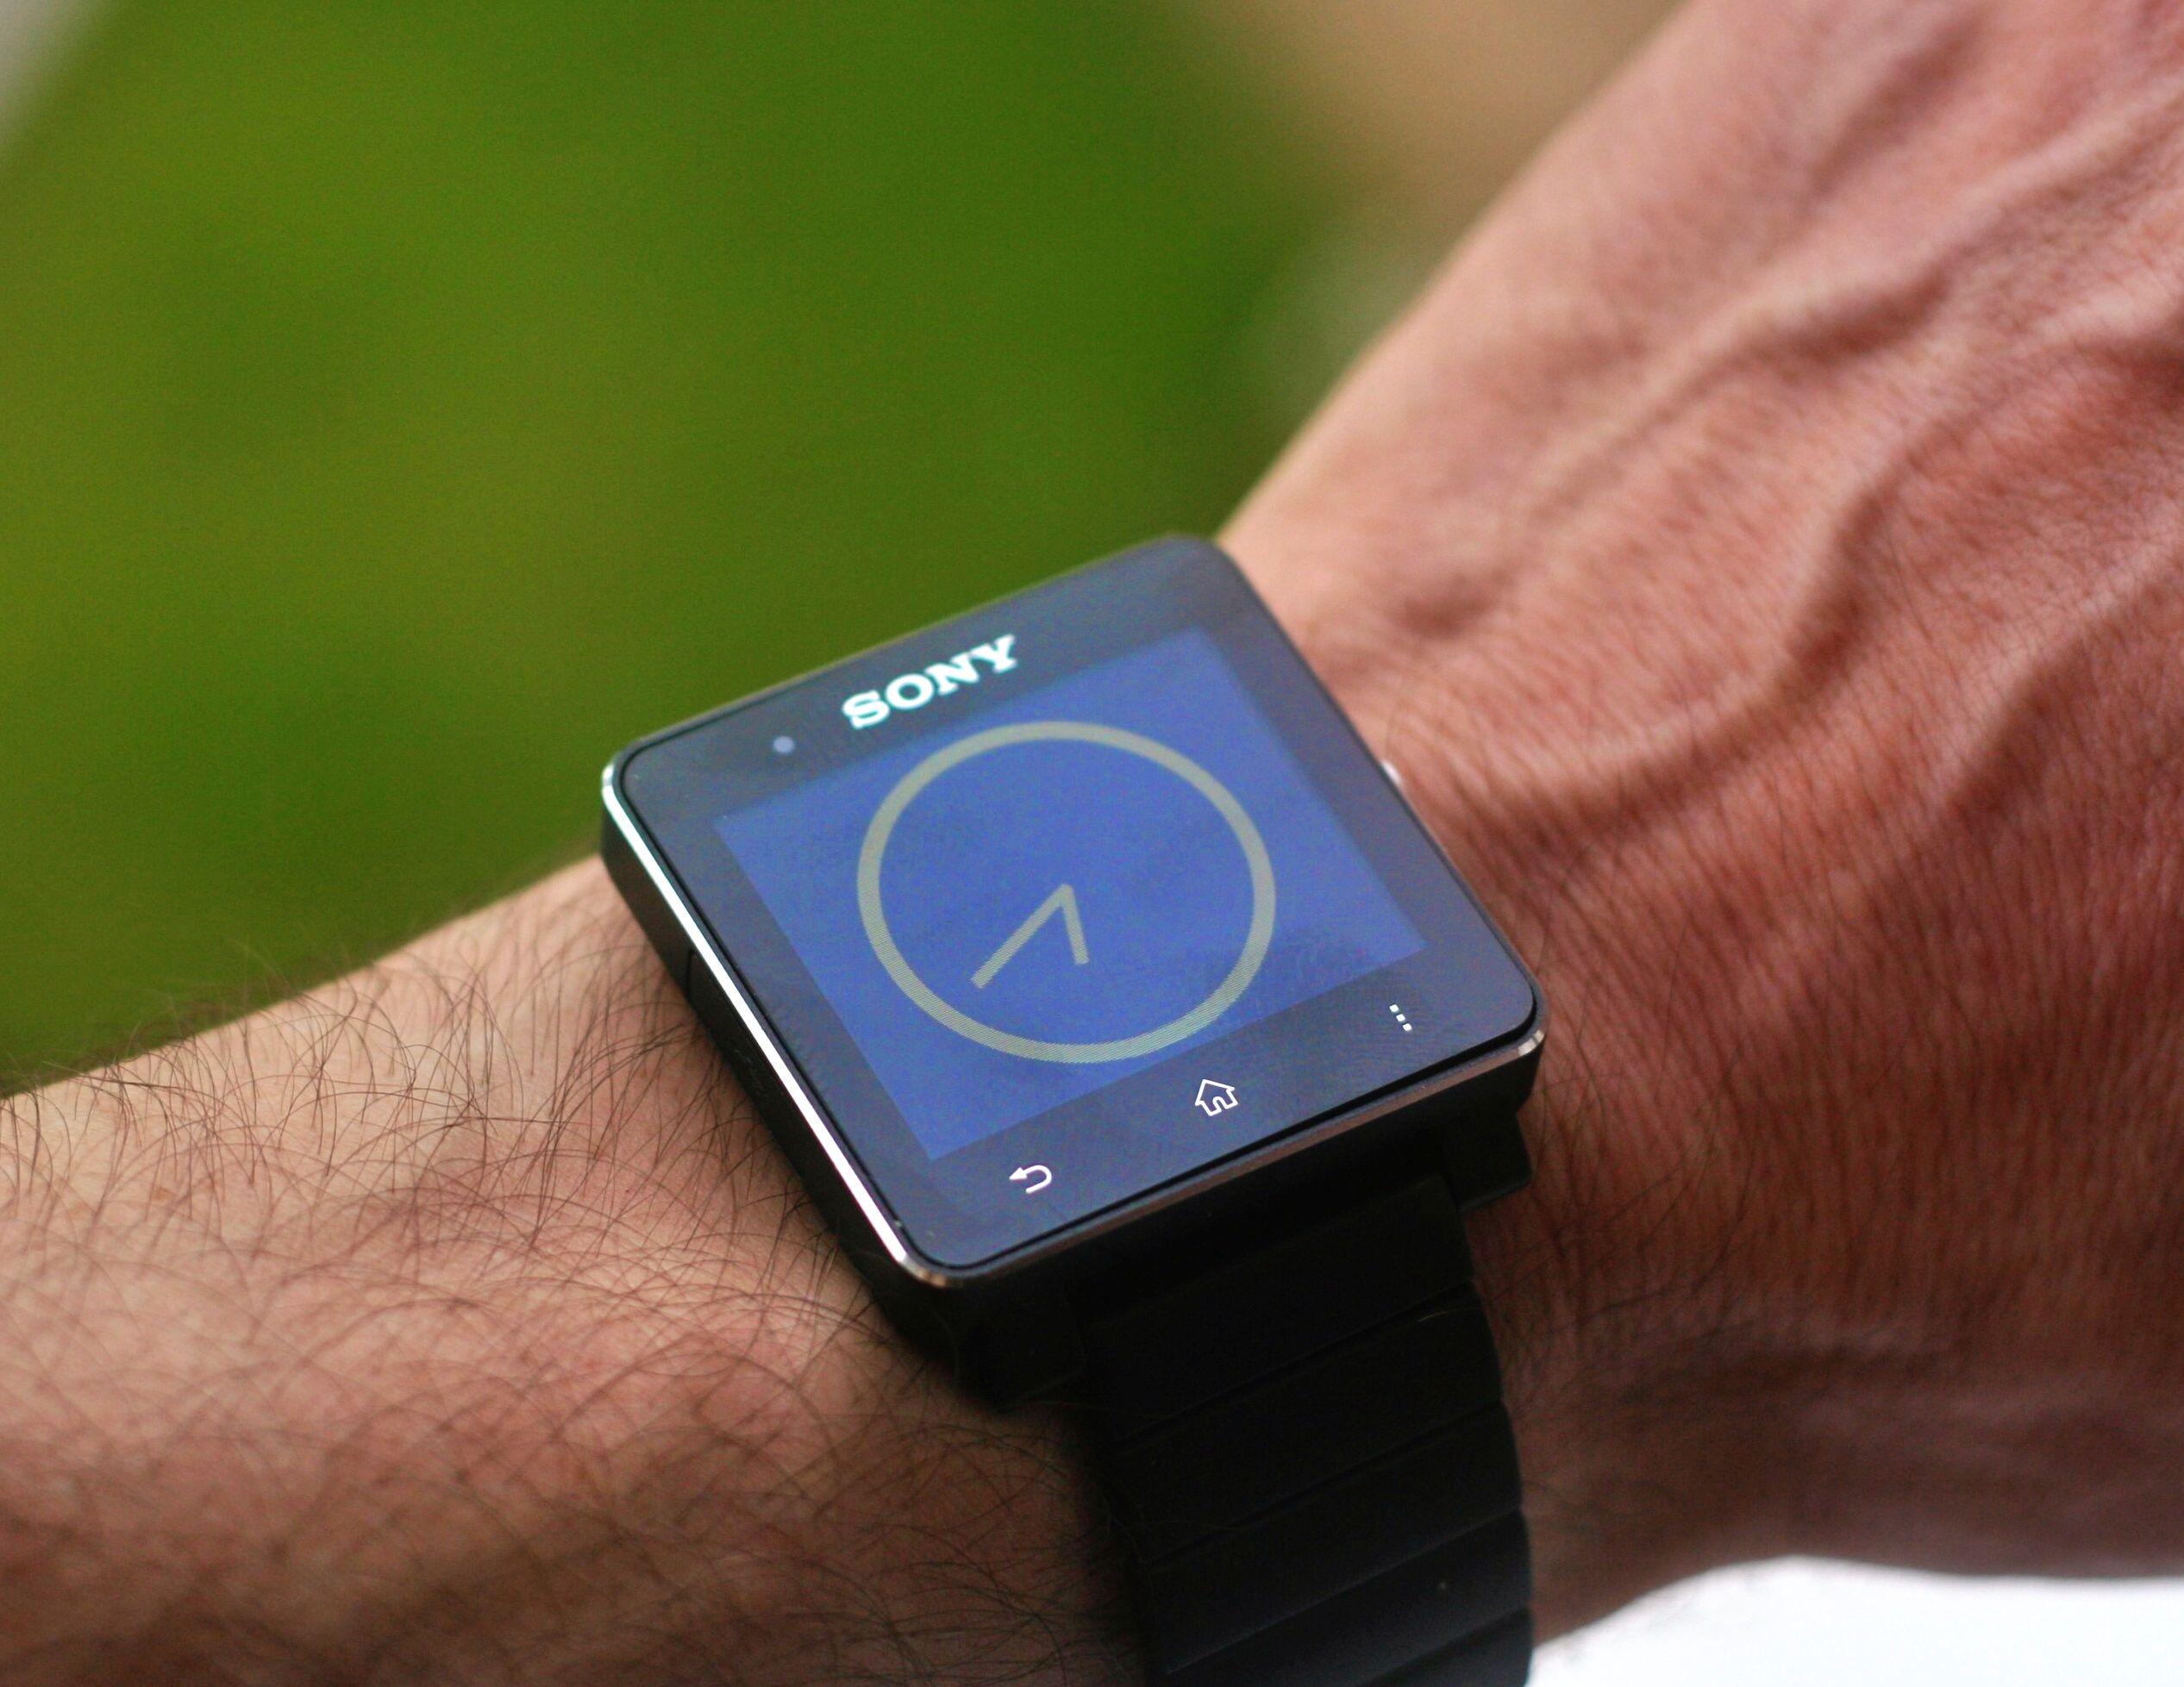 Sony SmartWatch 2 - Wristshot